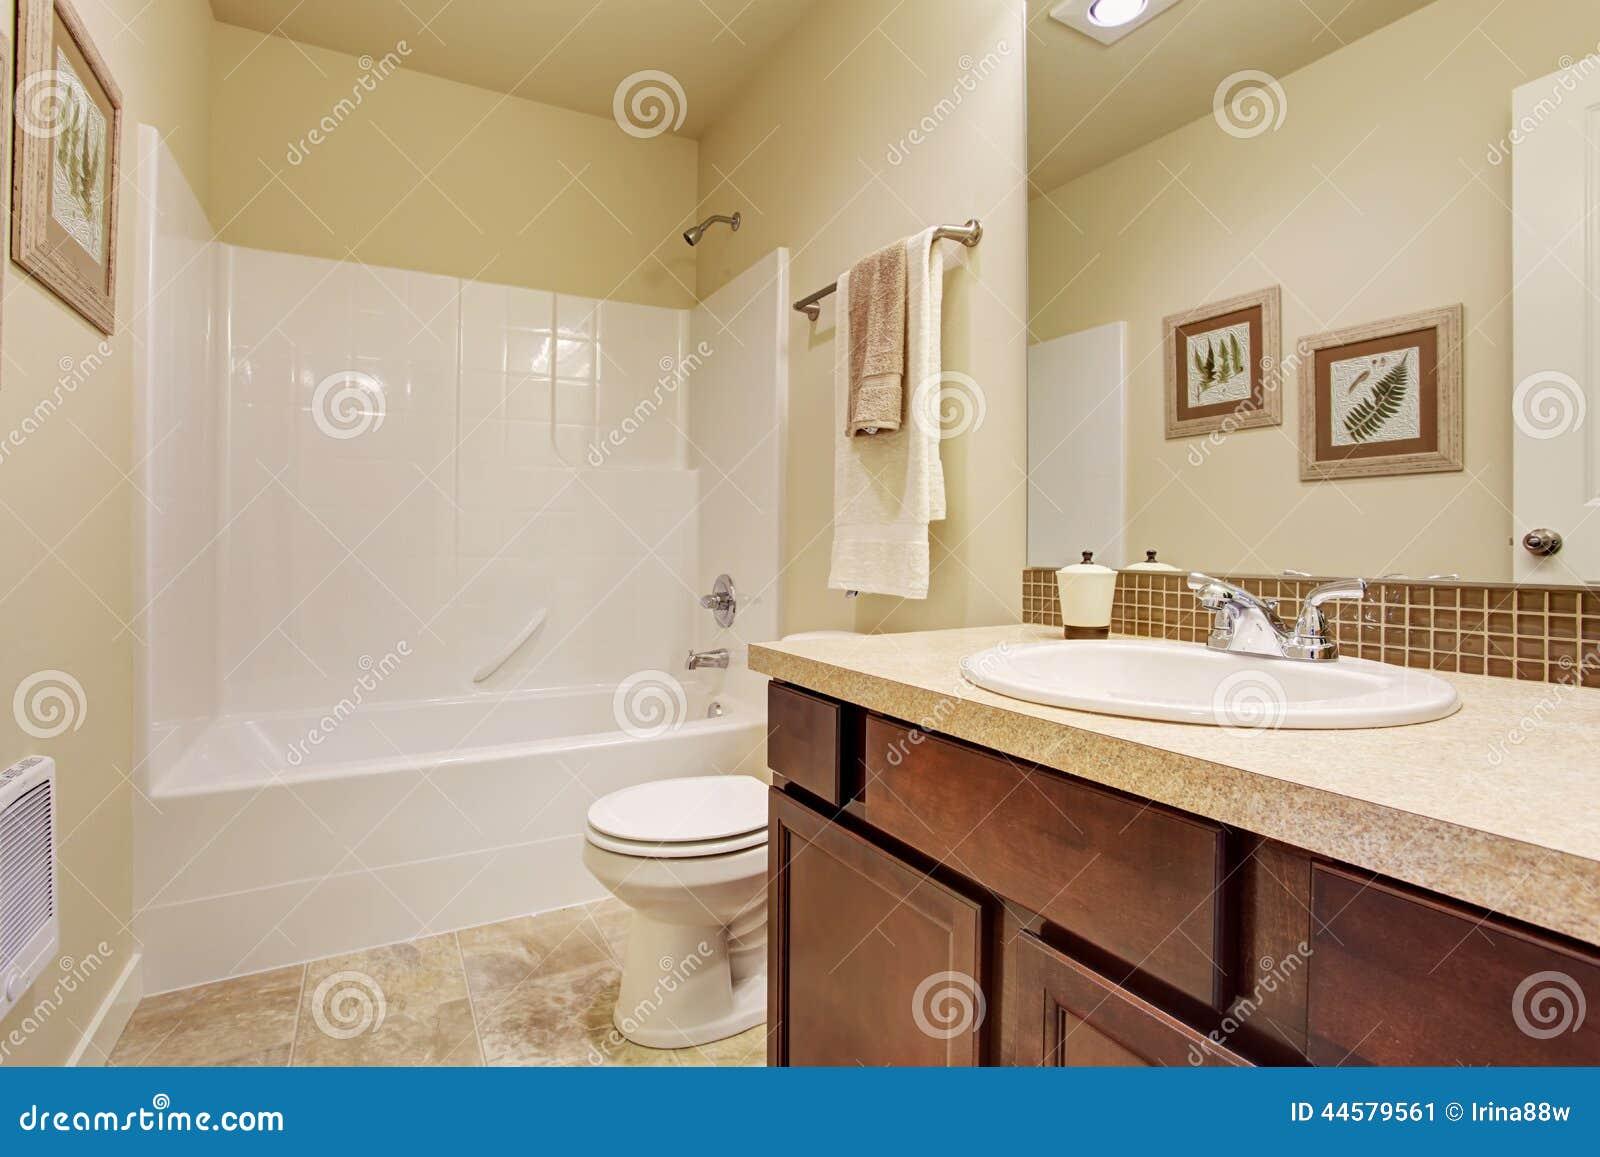 Cuarto de ba o vac o en color de marfil suave con el - Color marfil en paredes ...